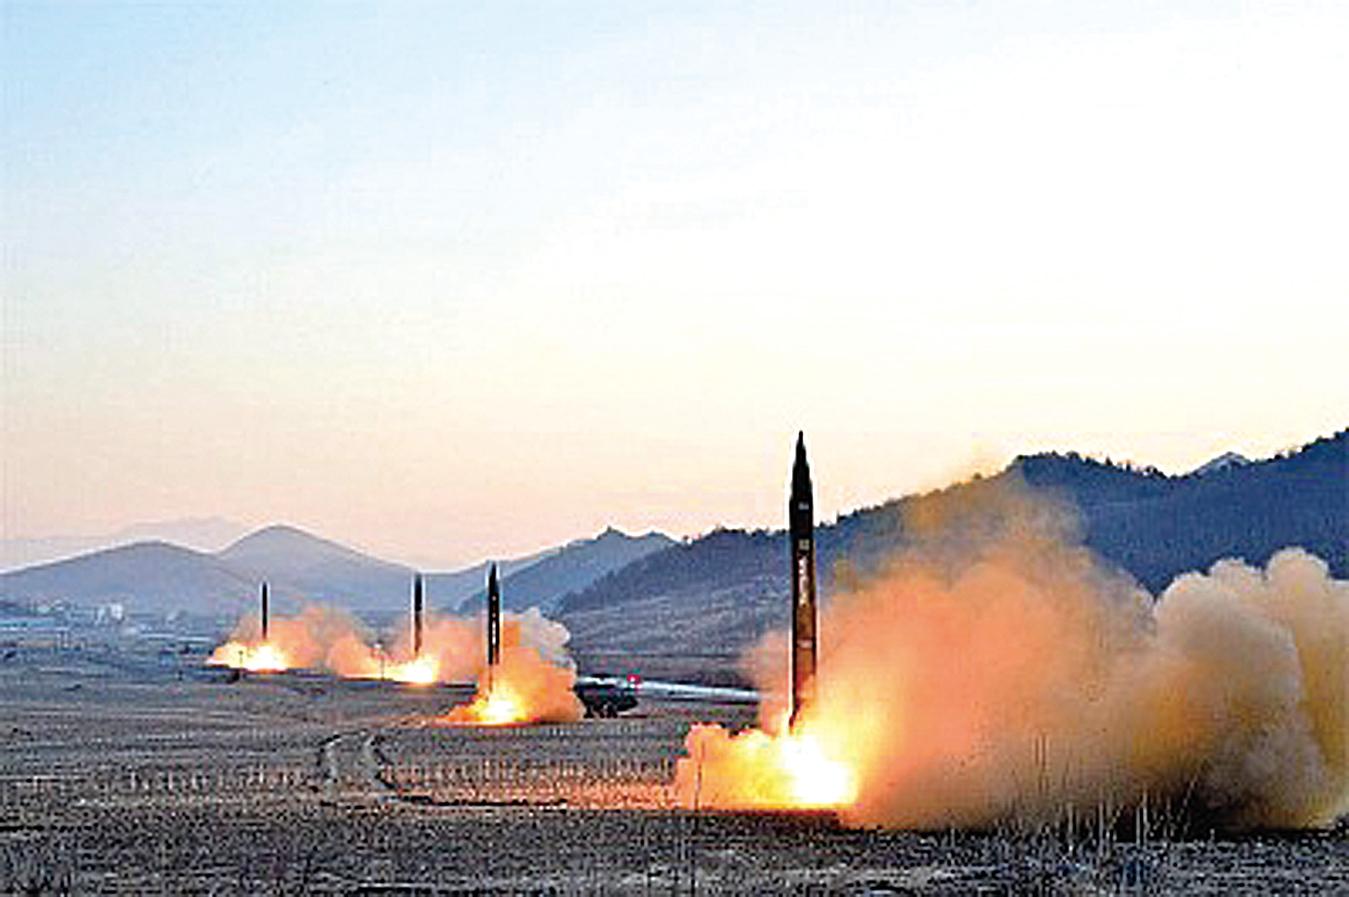 今年以來北韓已9次試射彈道導彈。北韓於5月20日曾再次宣稱已發展出可攻擊美國本土的能力。北韓高官還指,中國已被納入北韓核武射程。圖為北韓3月6日試射4枚導彈。(Getty Images)